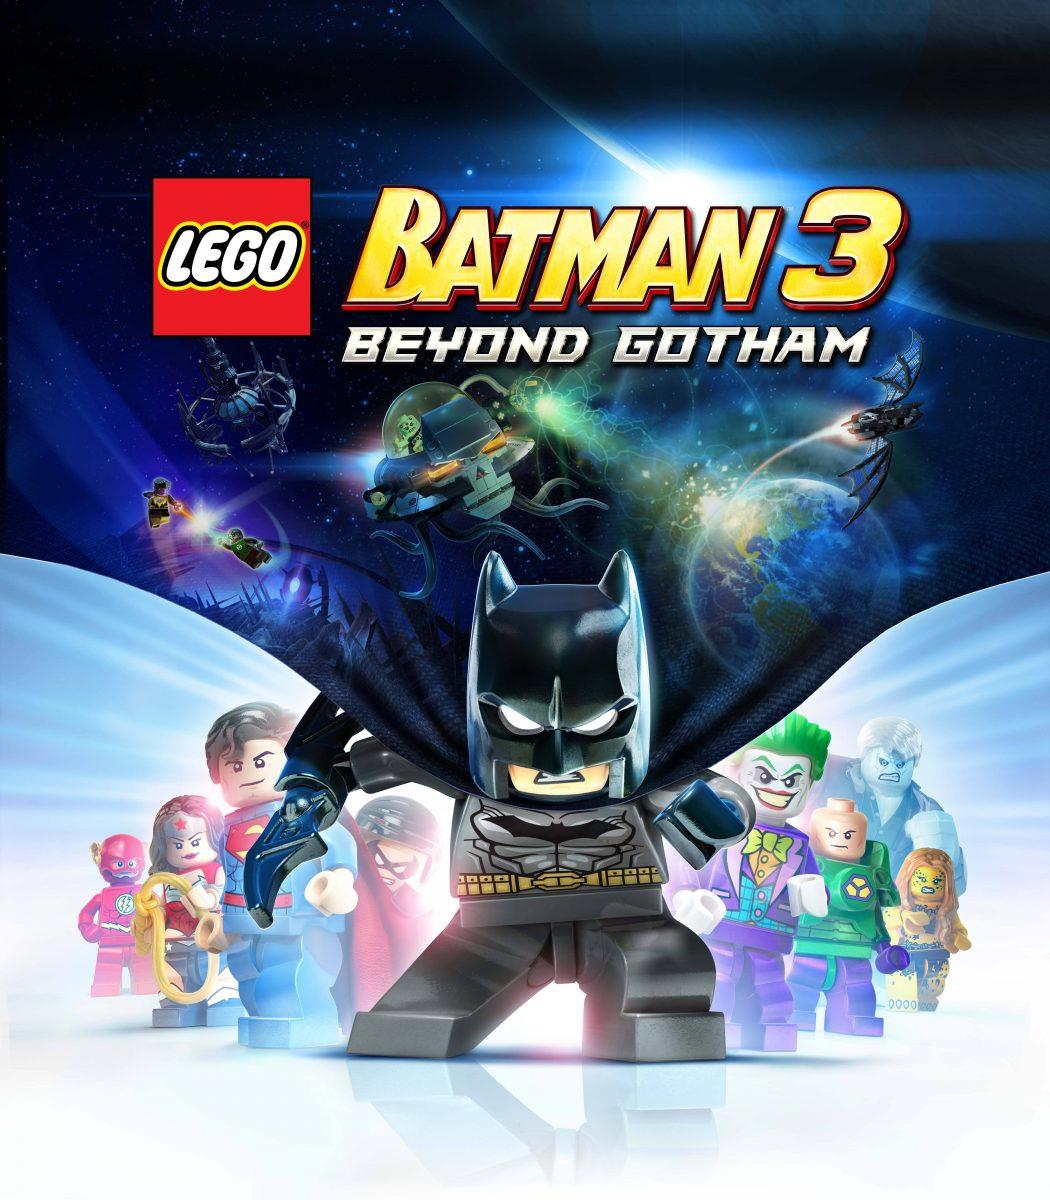 Lego-Batman-3-Box-Art Top 10 Best Kids Video Games